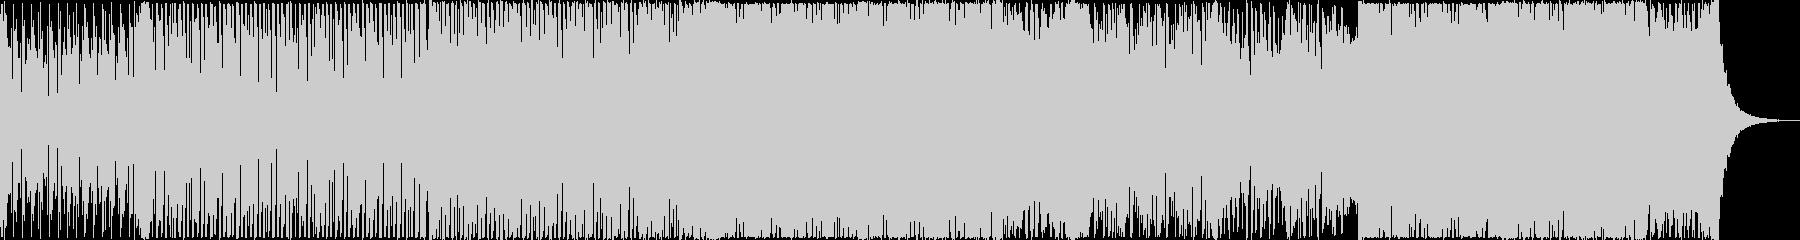 アップリフティングなデジタルロックの未再生の波形